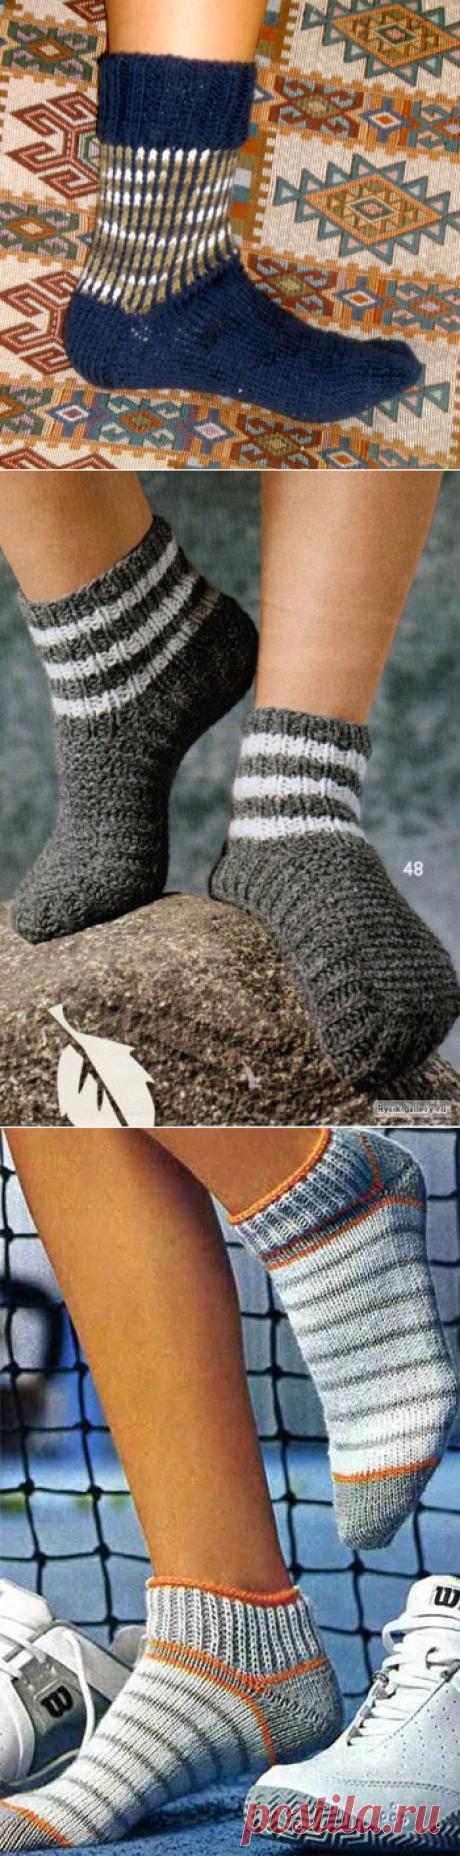 носки, варежки, следки   Записи в рубрике носки, варежки, следки   Дневник Тамара_Романовна